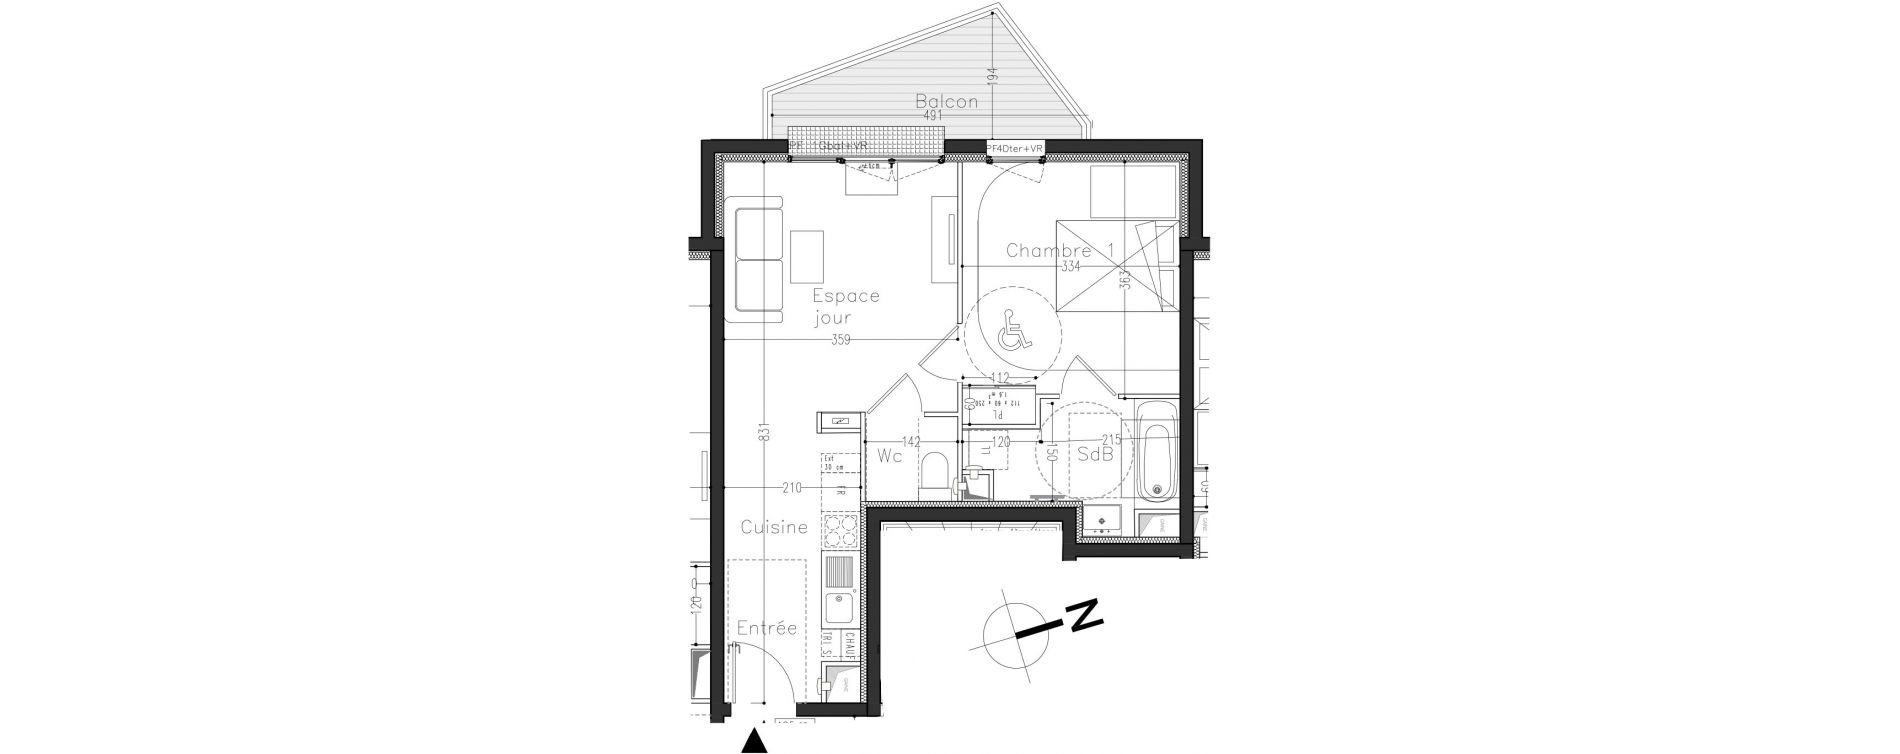 Appartement T2 de 41,30 m2 à Moissy-Cramayel L arboretum de chanteloup